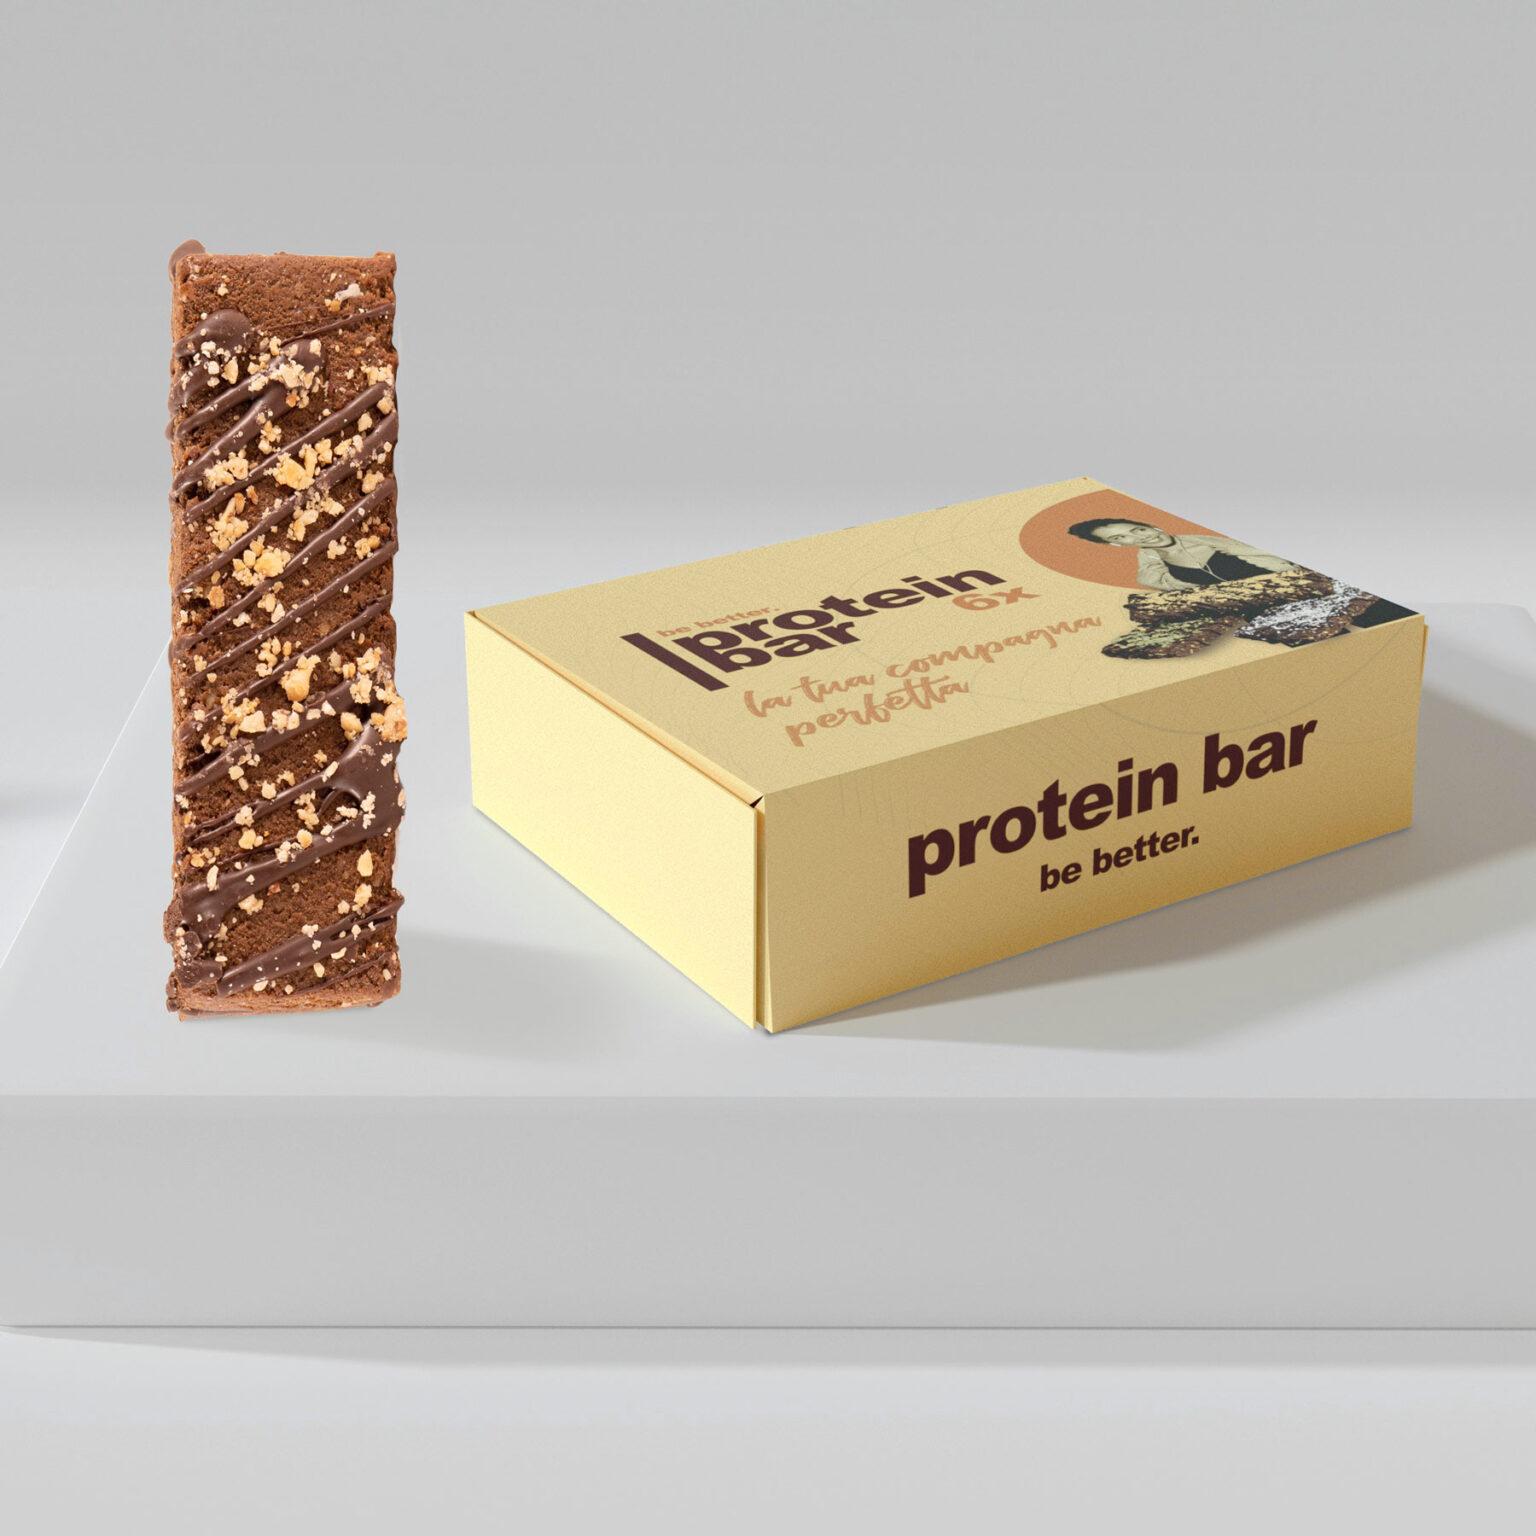 proteiin bar nocciola